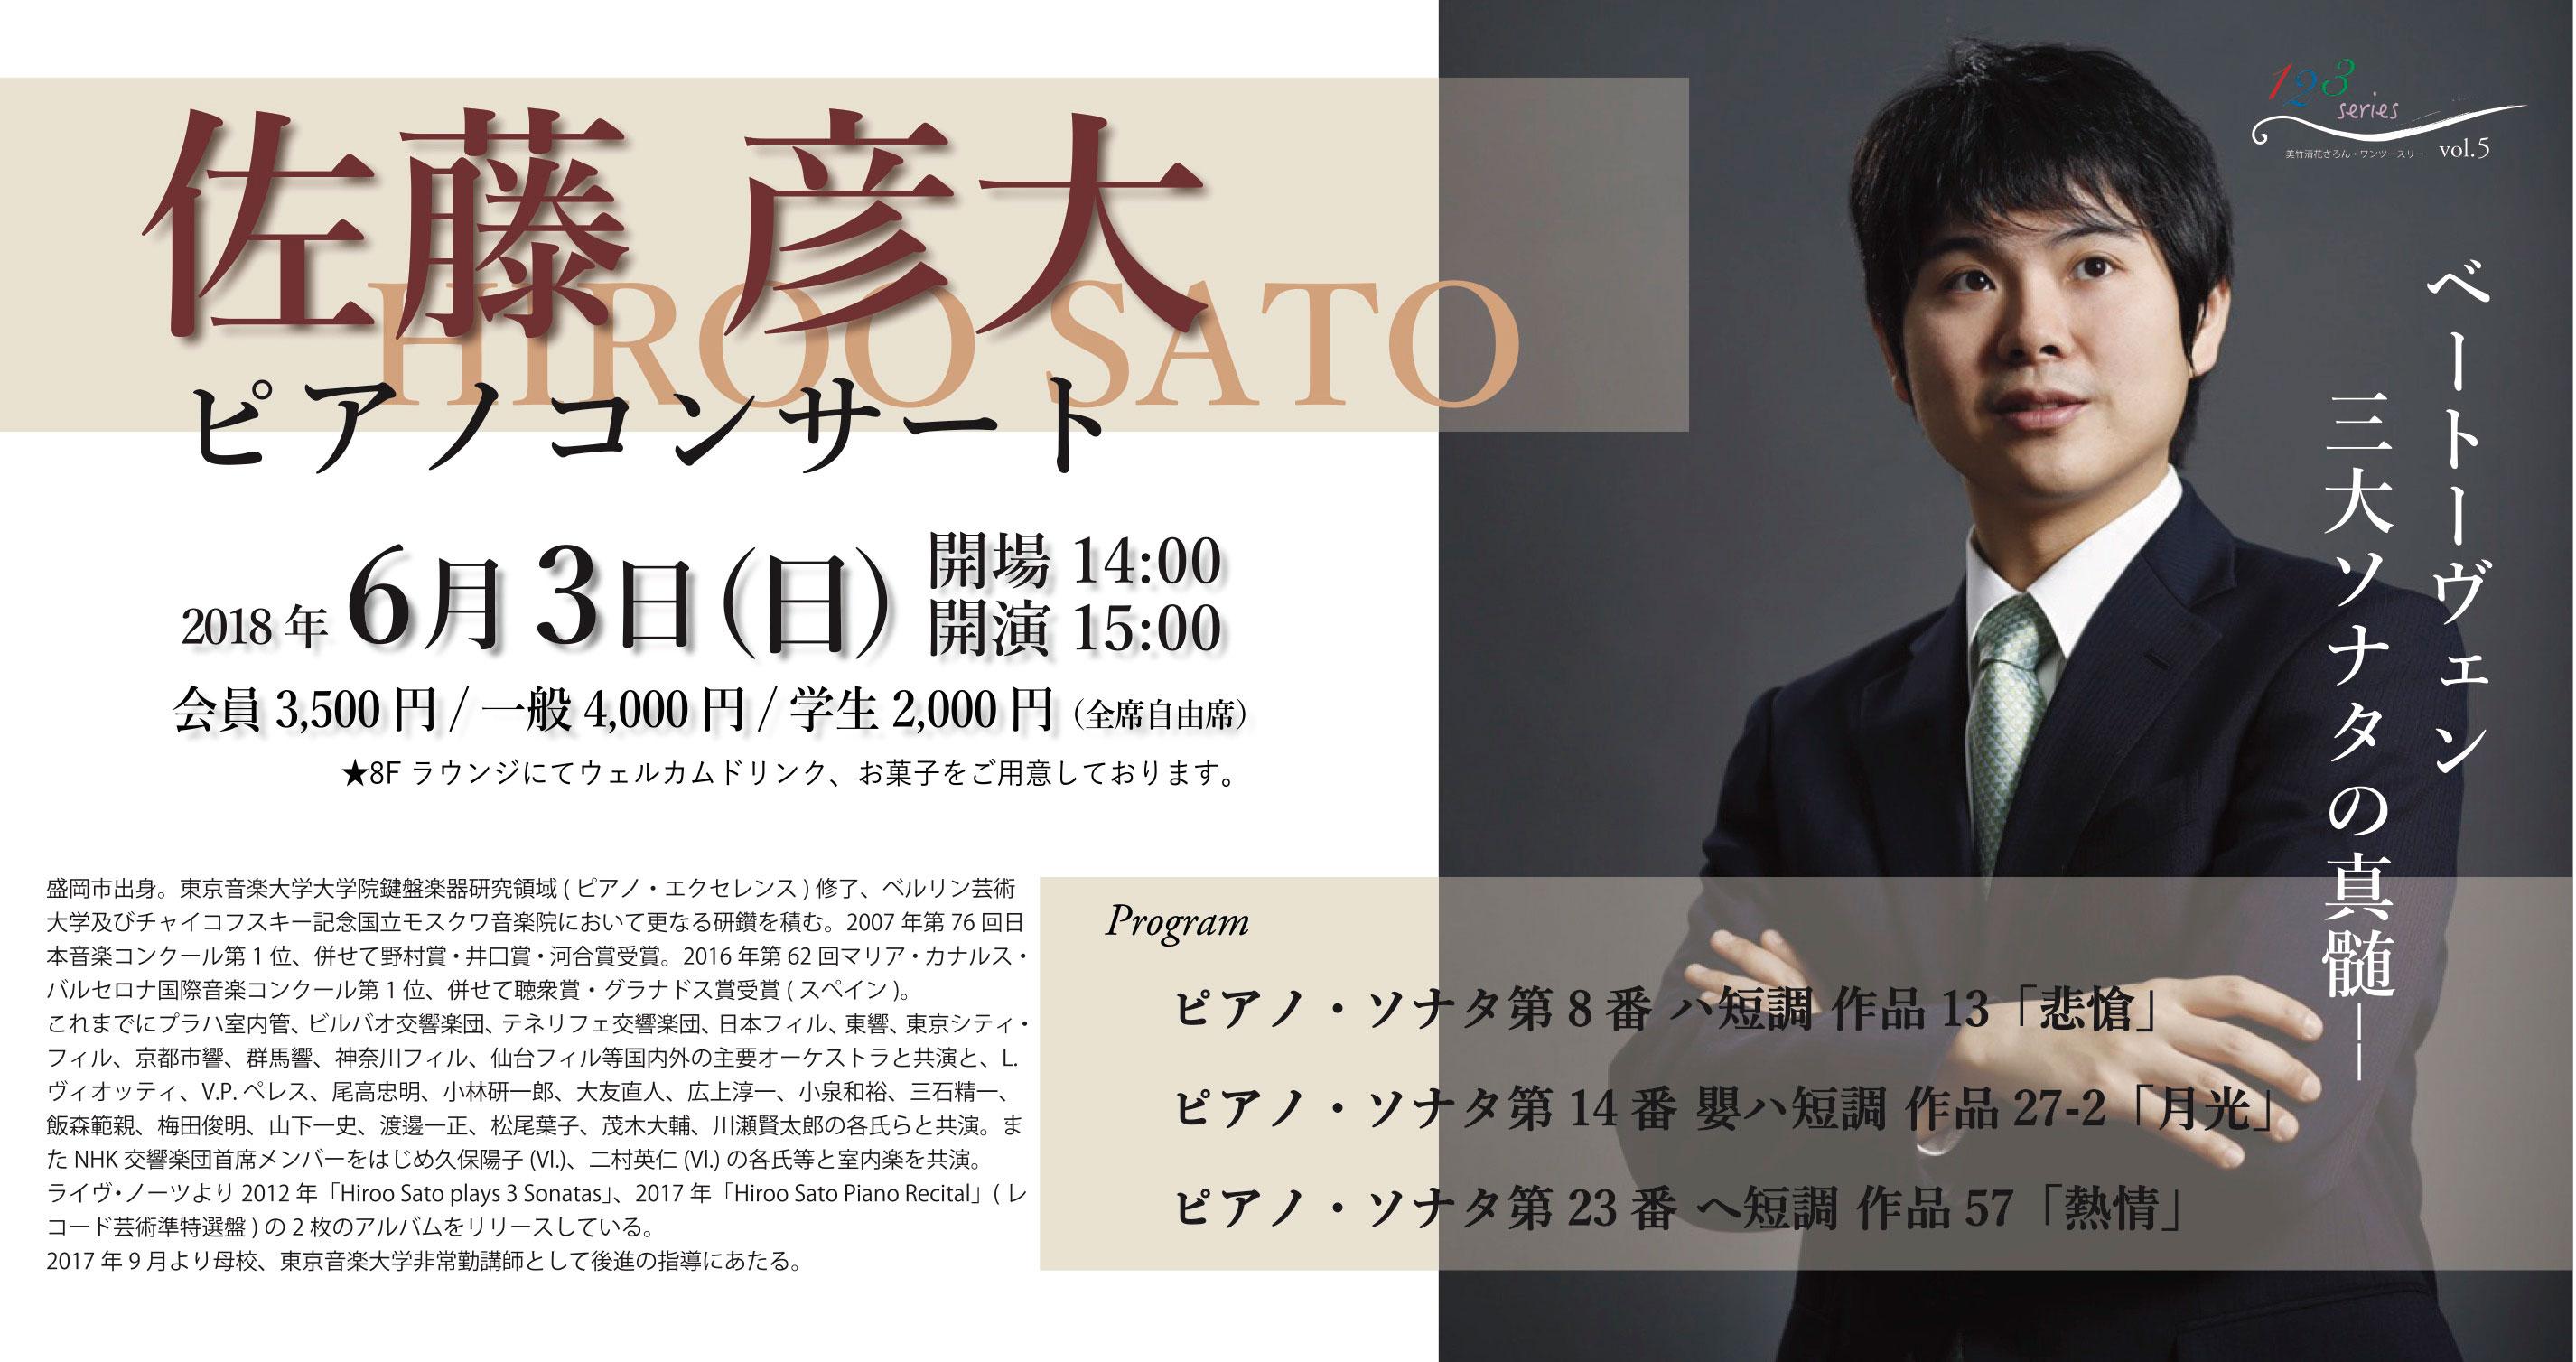 6月3日15:00~ 佐藤 彦大ピアノコンサート